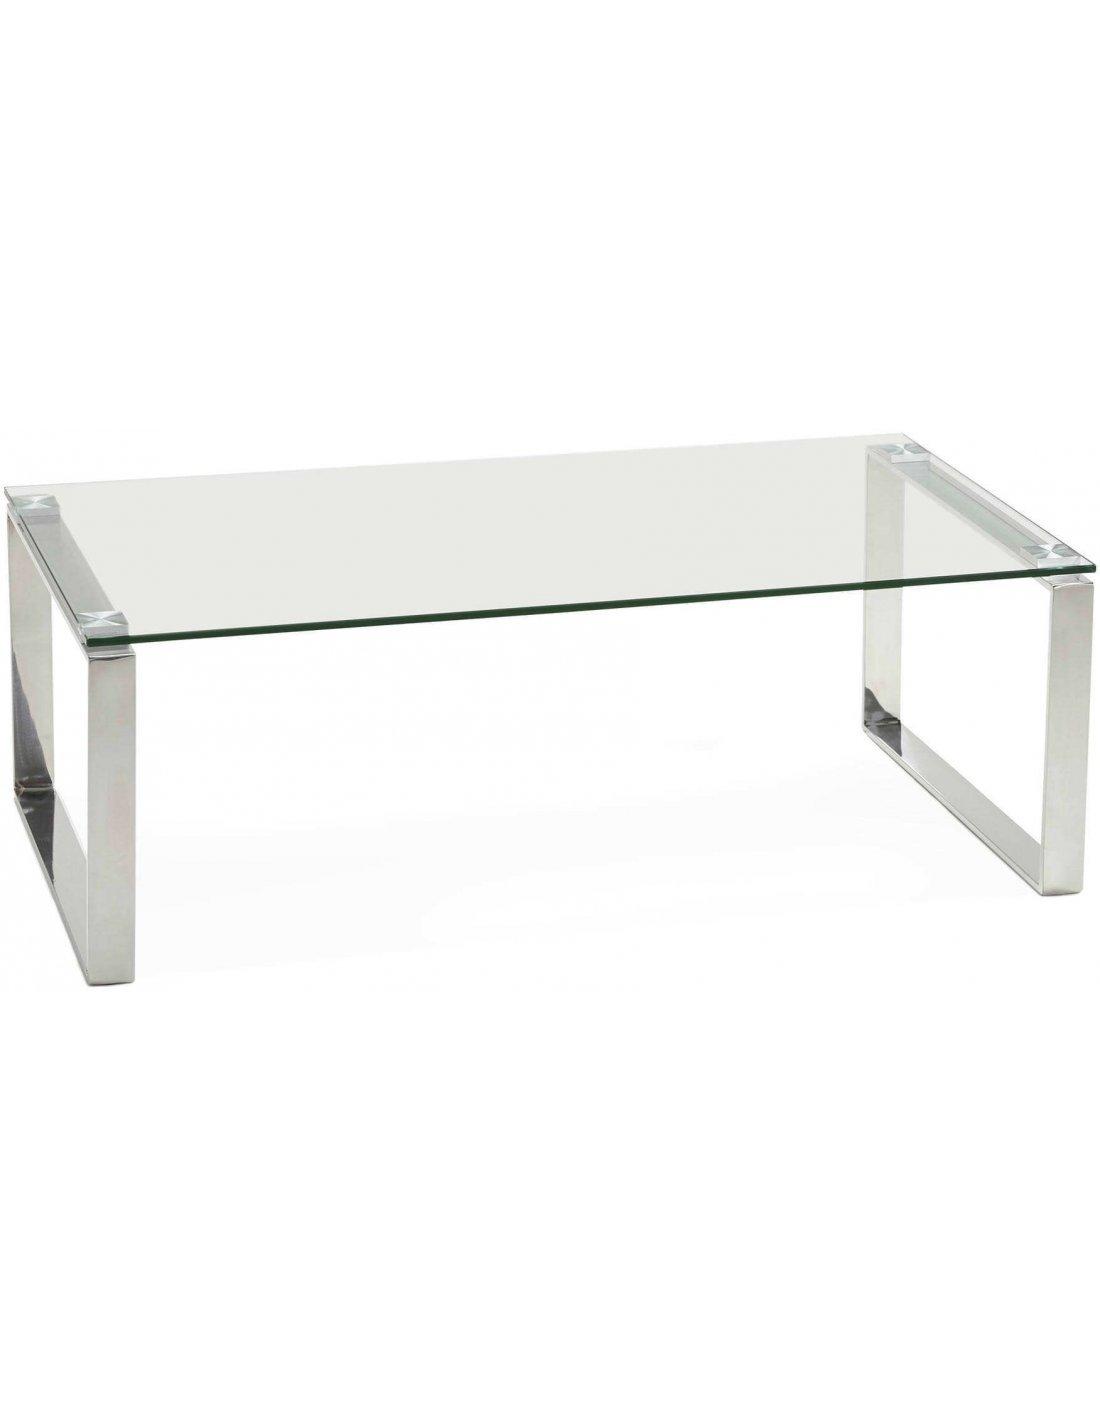 Table Basse Verre Design   Table Basse Verre Design Twister Lyon ... 1387410874f6